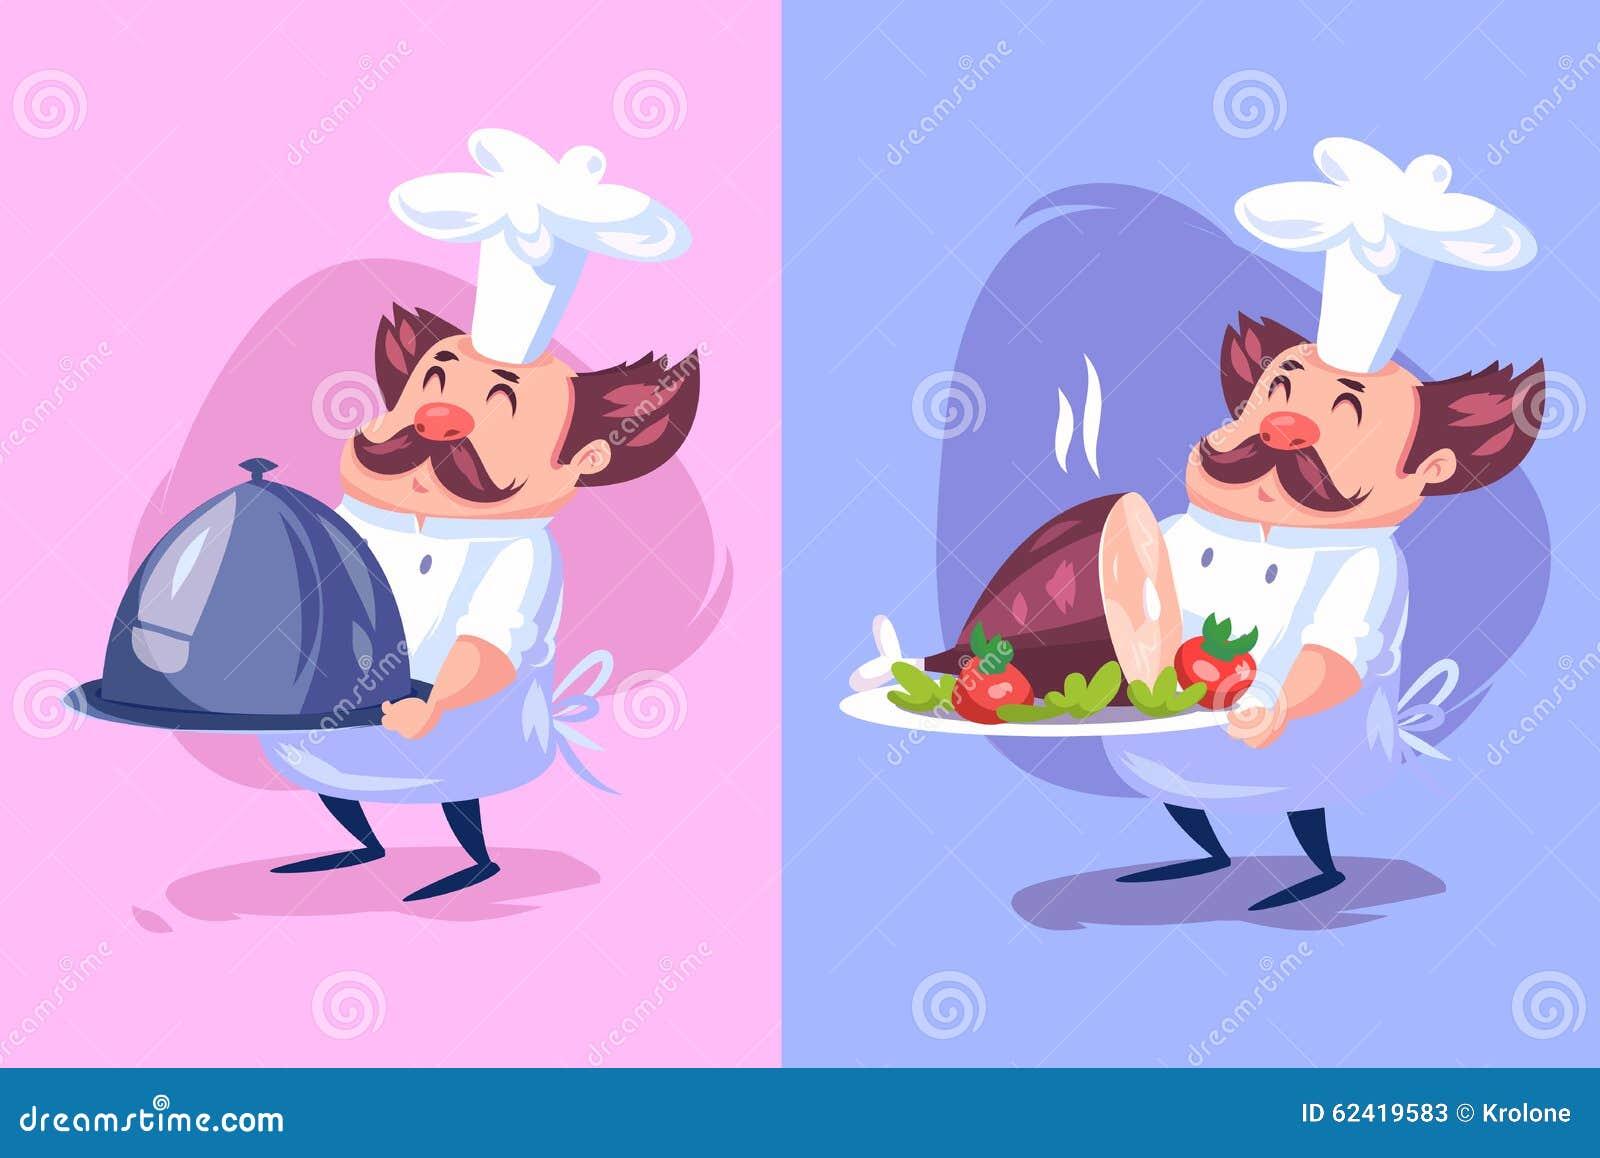 Caractère Drôle De Cuisinier Illustration De Vecteur Illustration ...